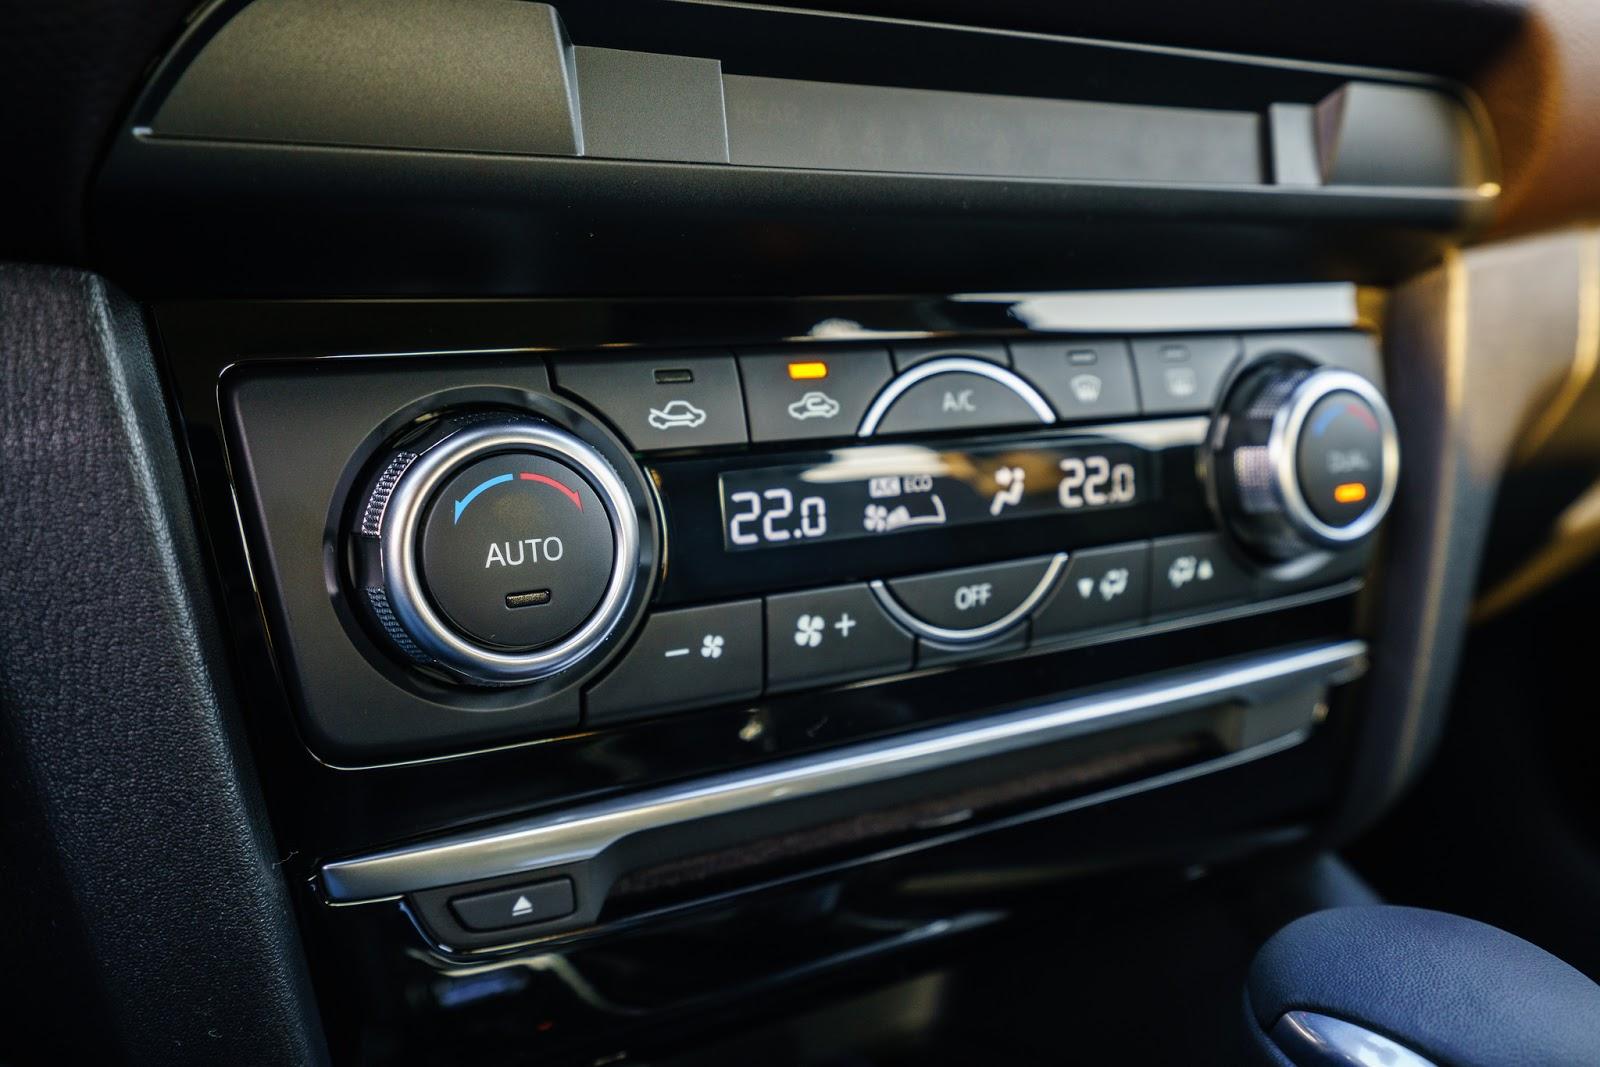 Mazda 6 2017 mazda 6 review 2017 mazda 6 2017 mazda 6 gt